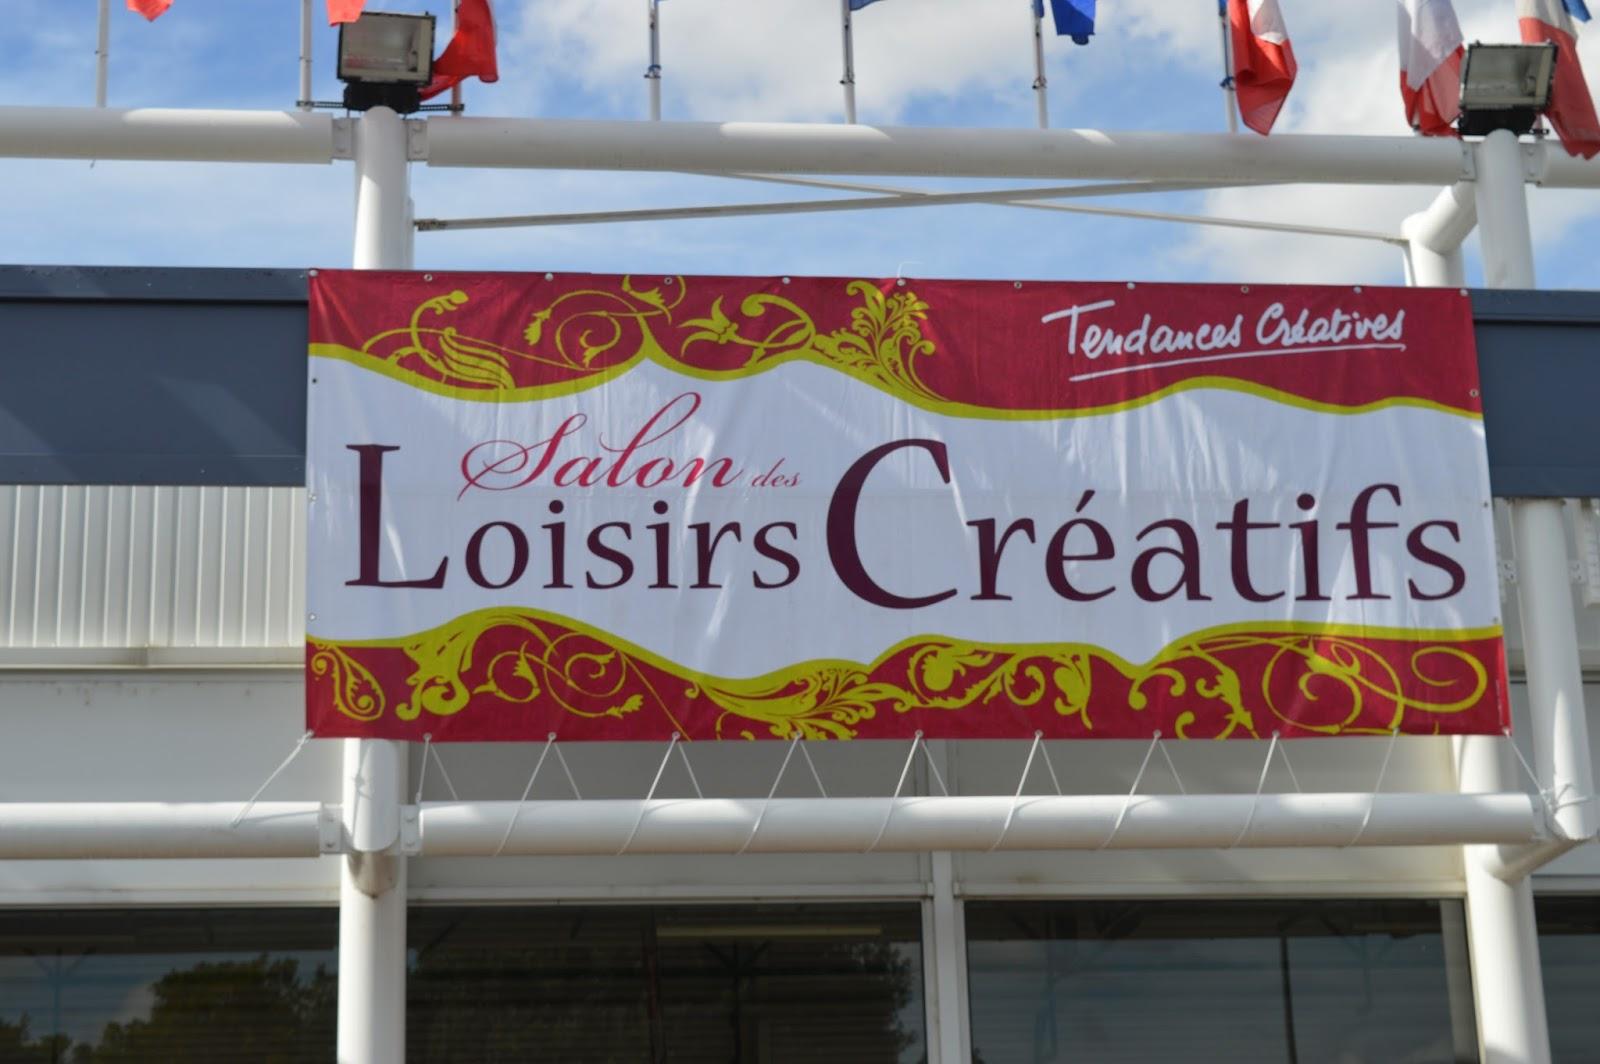 Salon des loisirs cr atifs 17 me edition - Salon loisir creatif ...